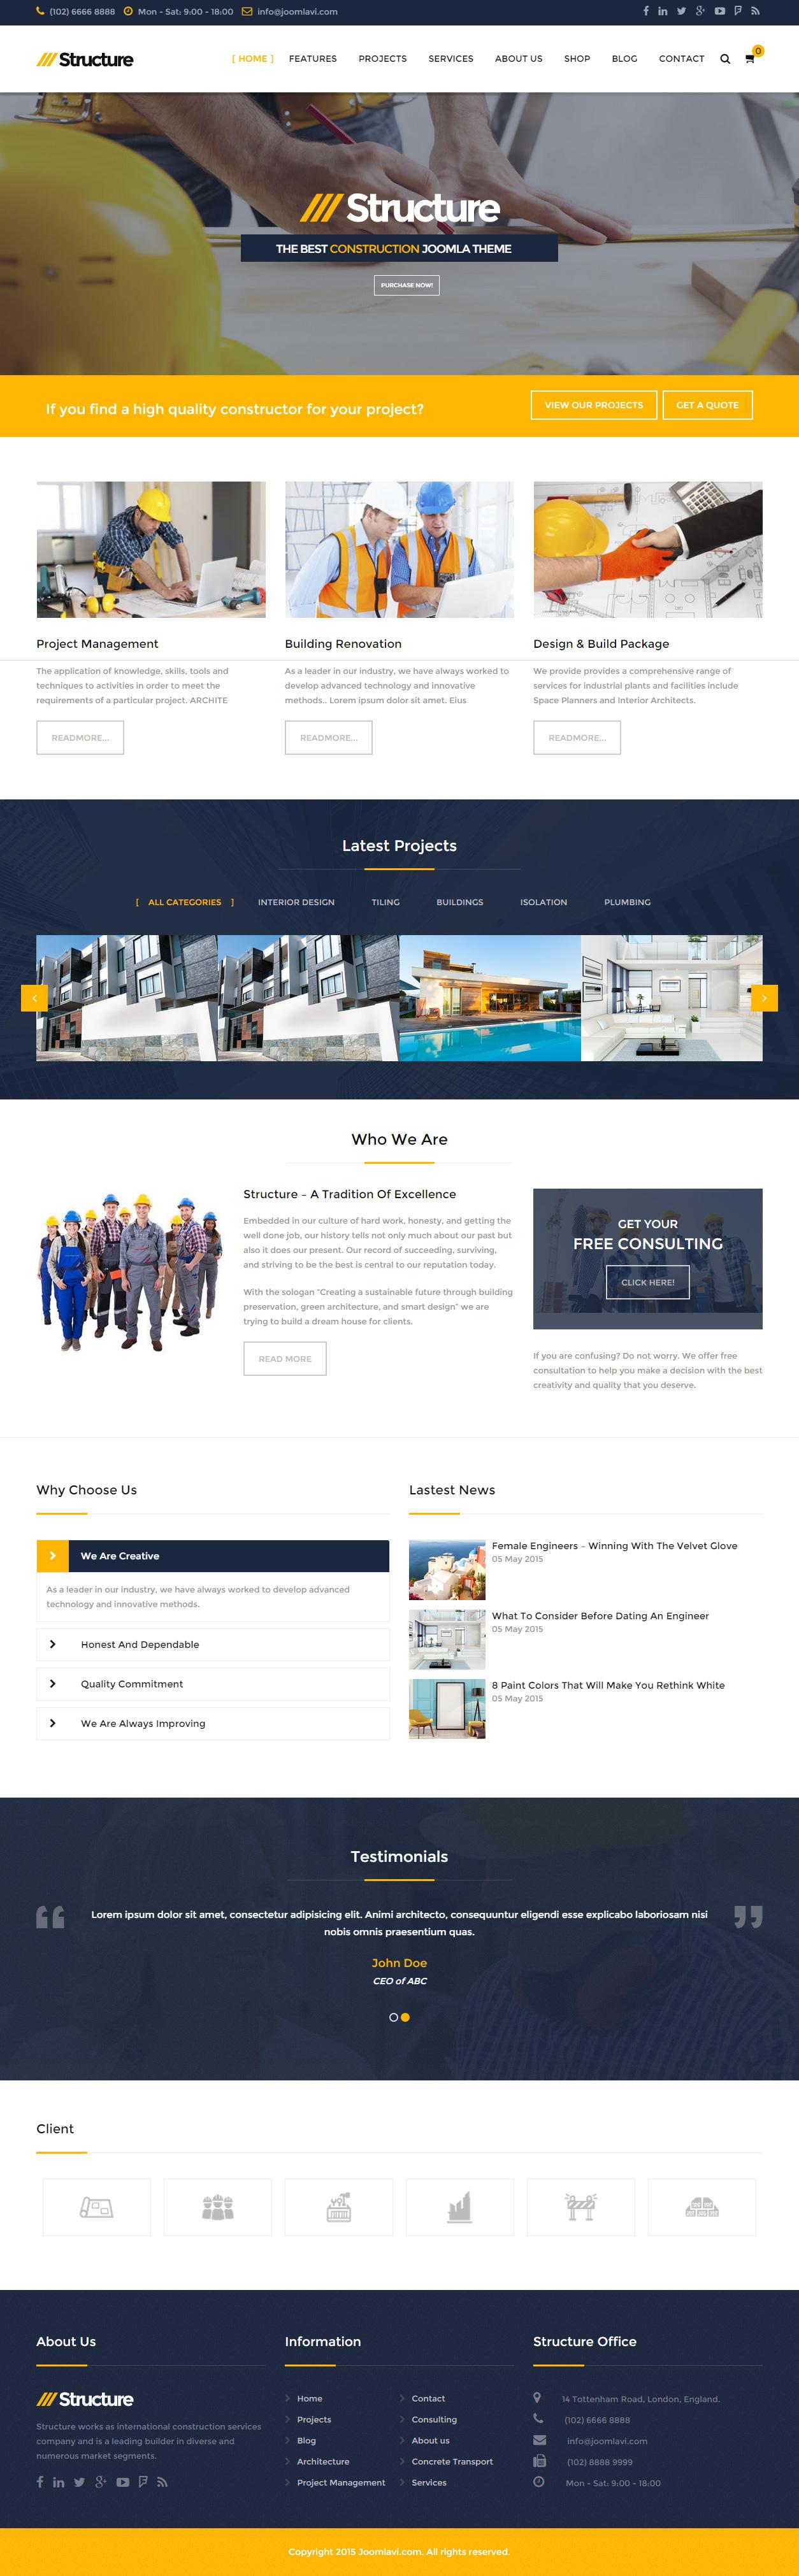 30 best joomla business templates 2017 responsive miracle structure joomla business templates flashek Images